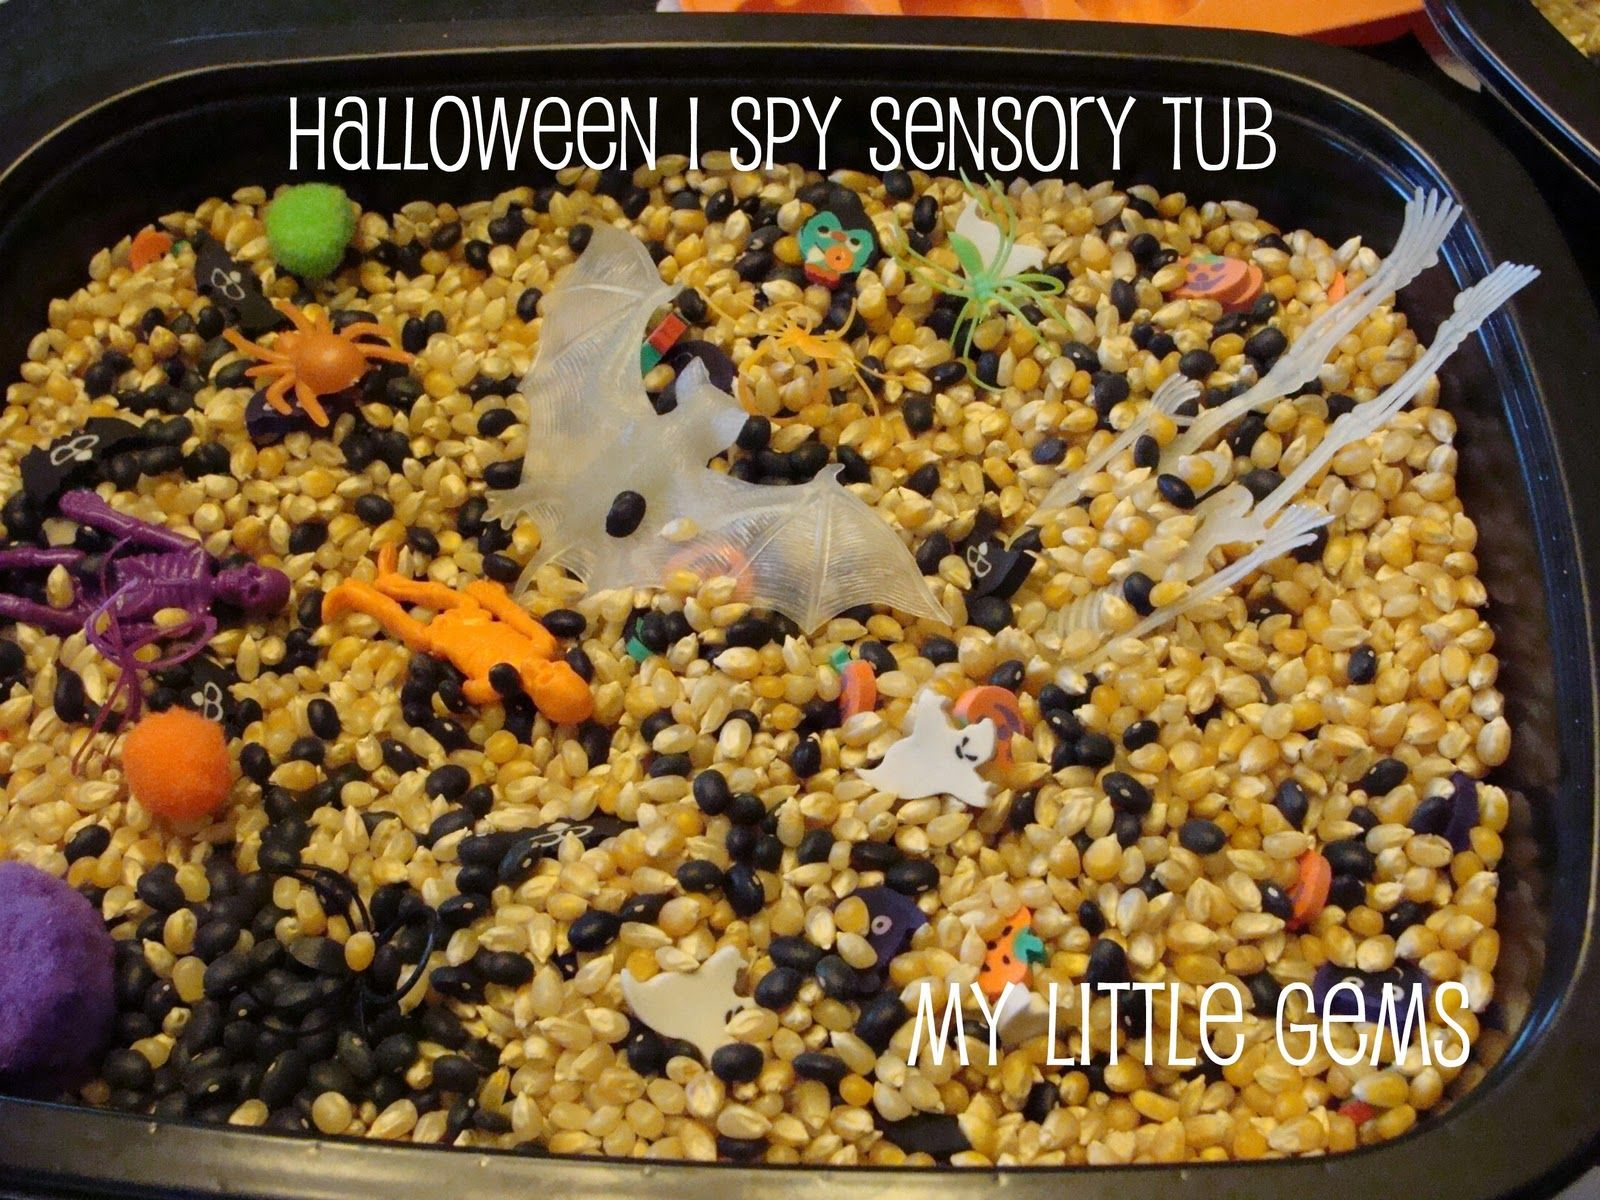 My Little Gems: Halloween I SPY Search-n-Find Tub